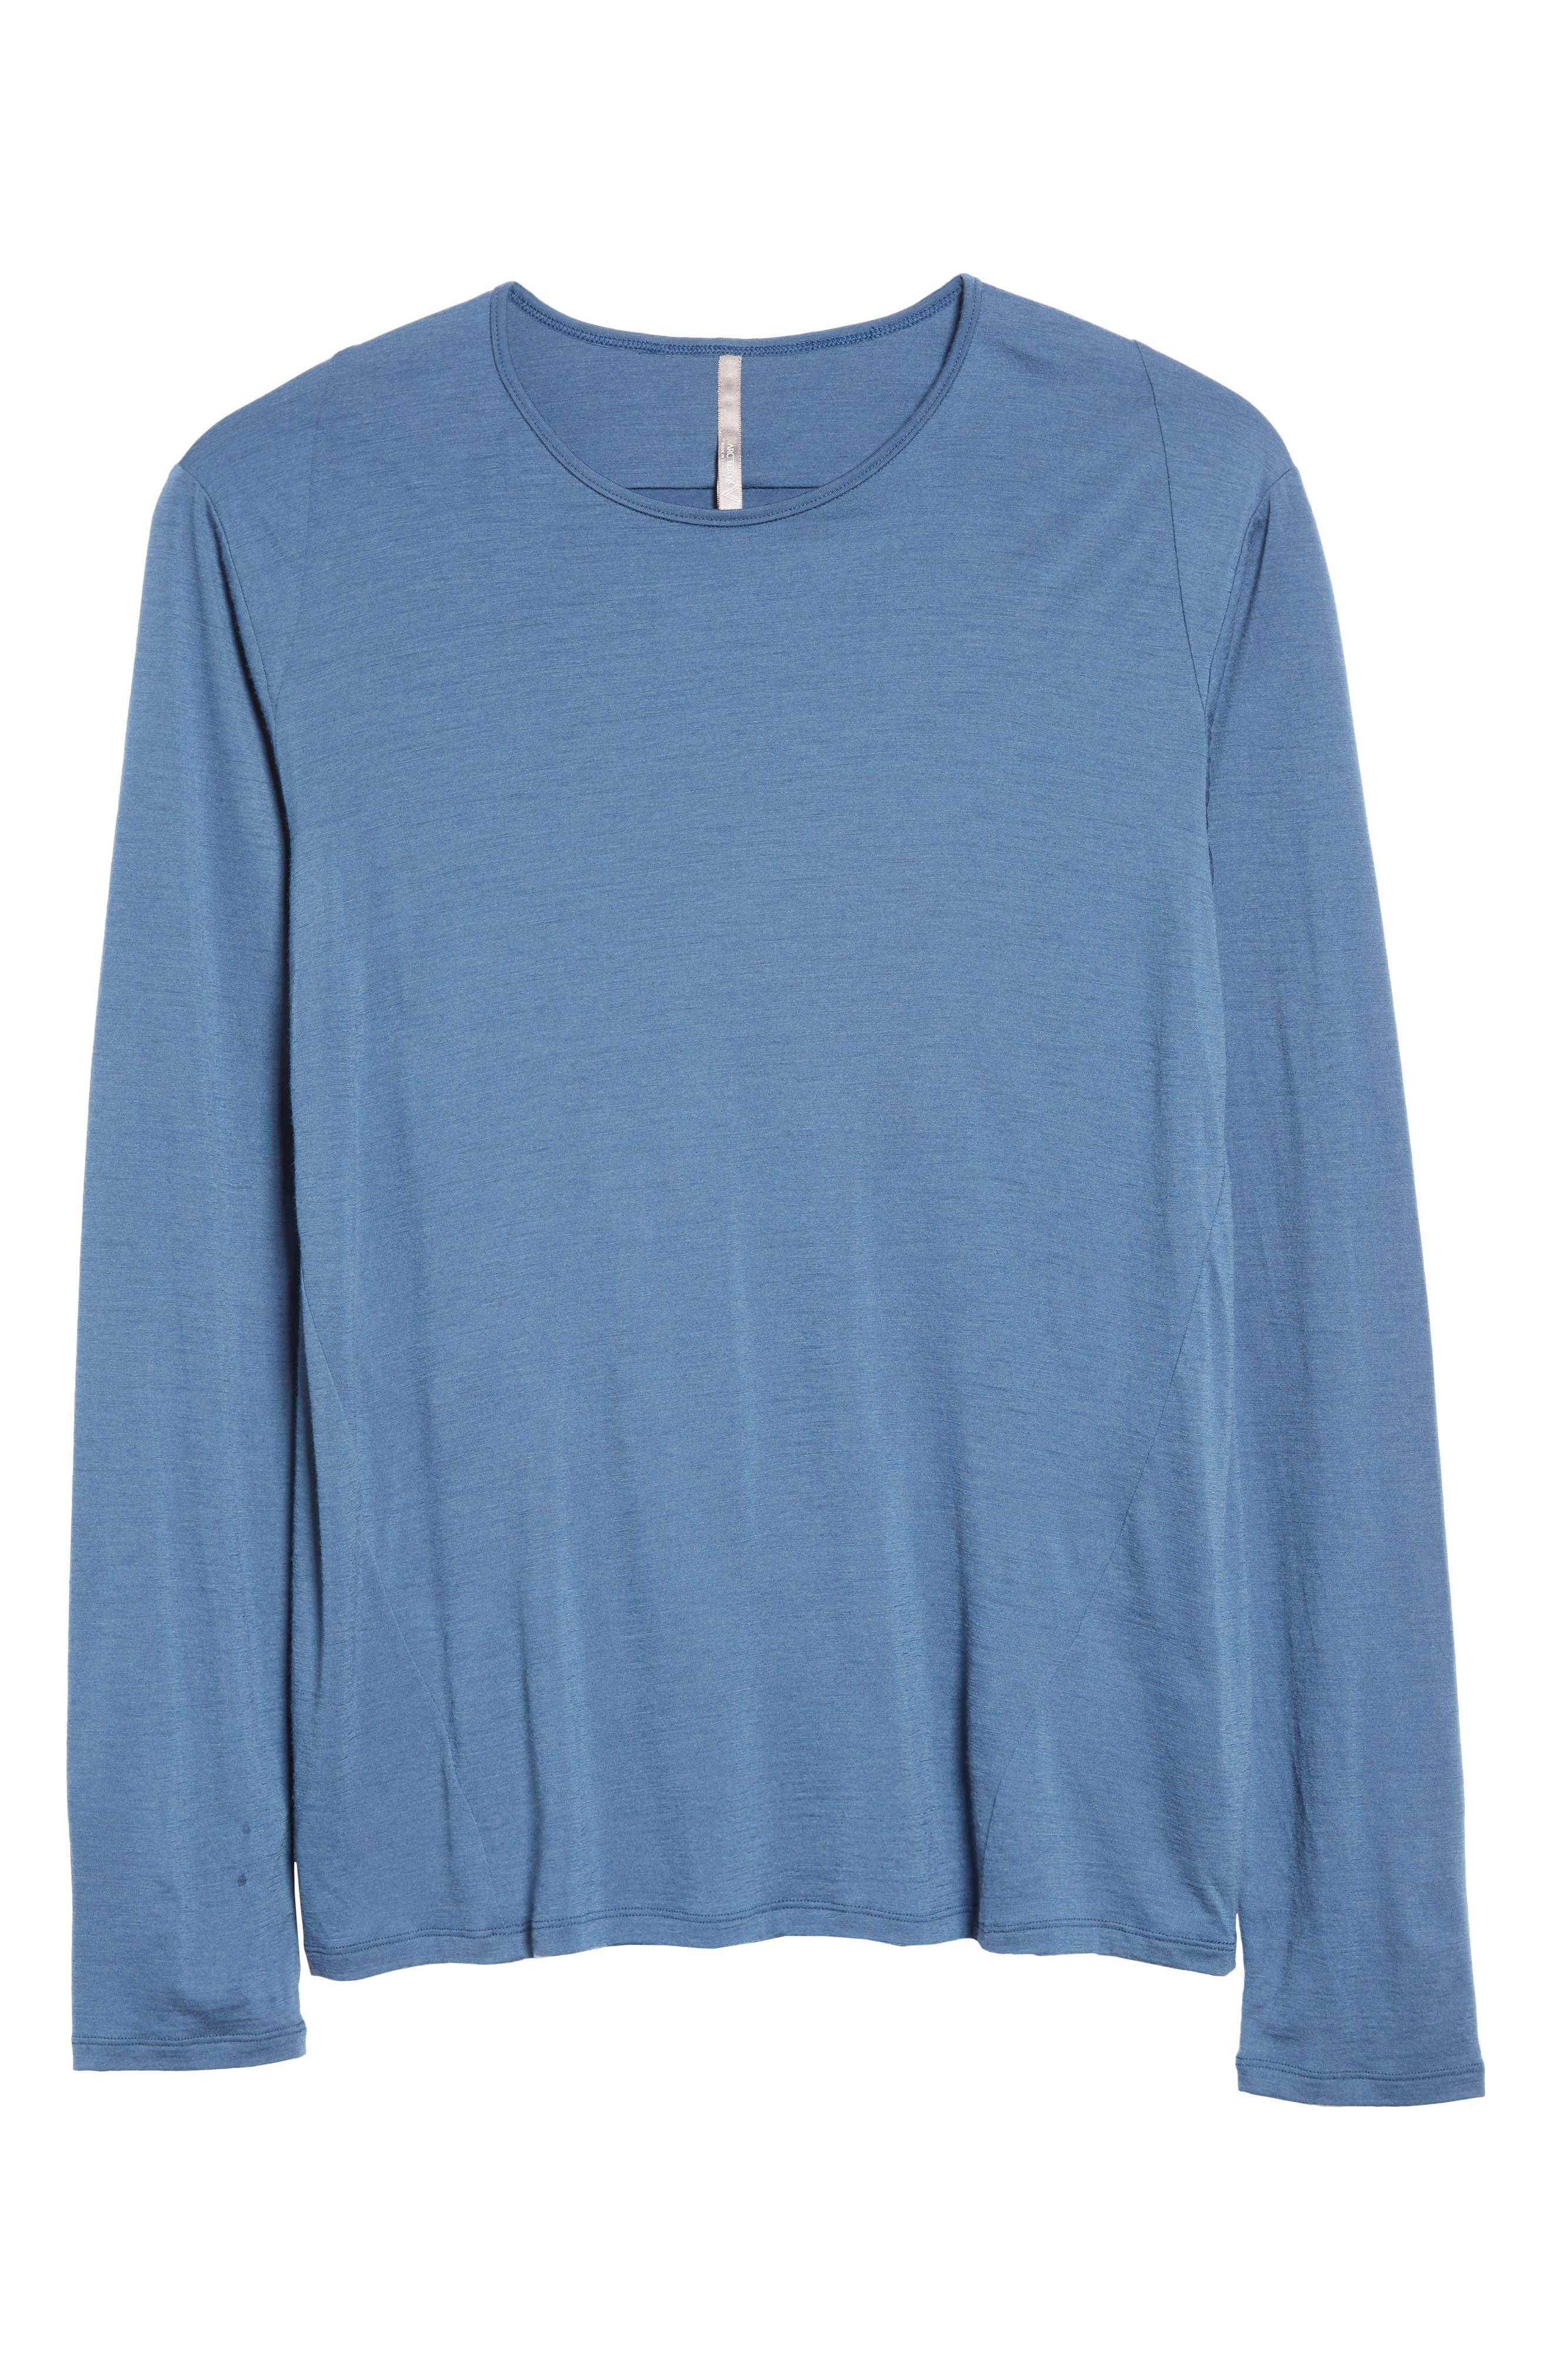 Frame Merino Wool T-Shirt,                             Alternate thumbnail 6, color,                             Navy